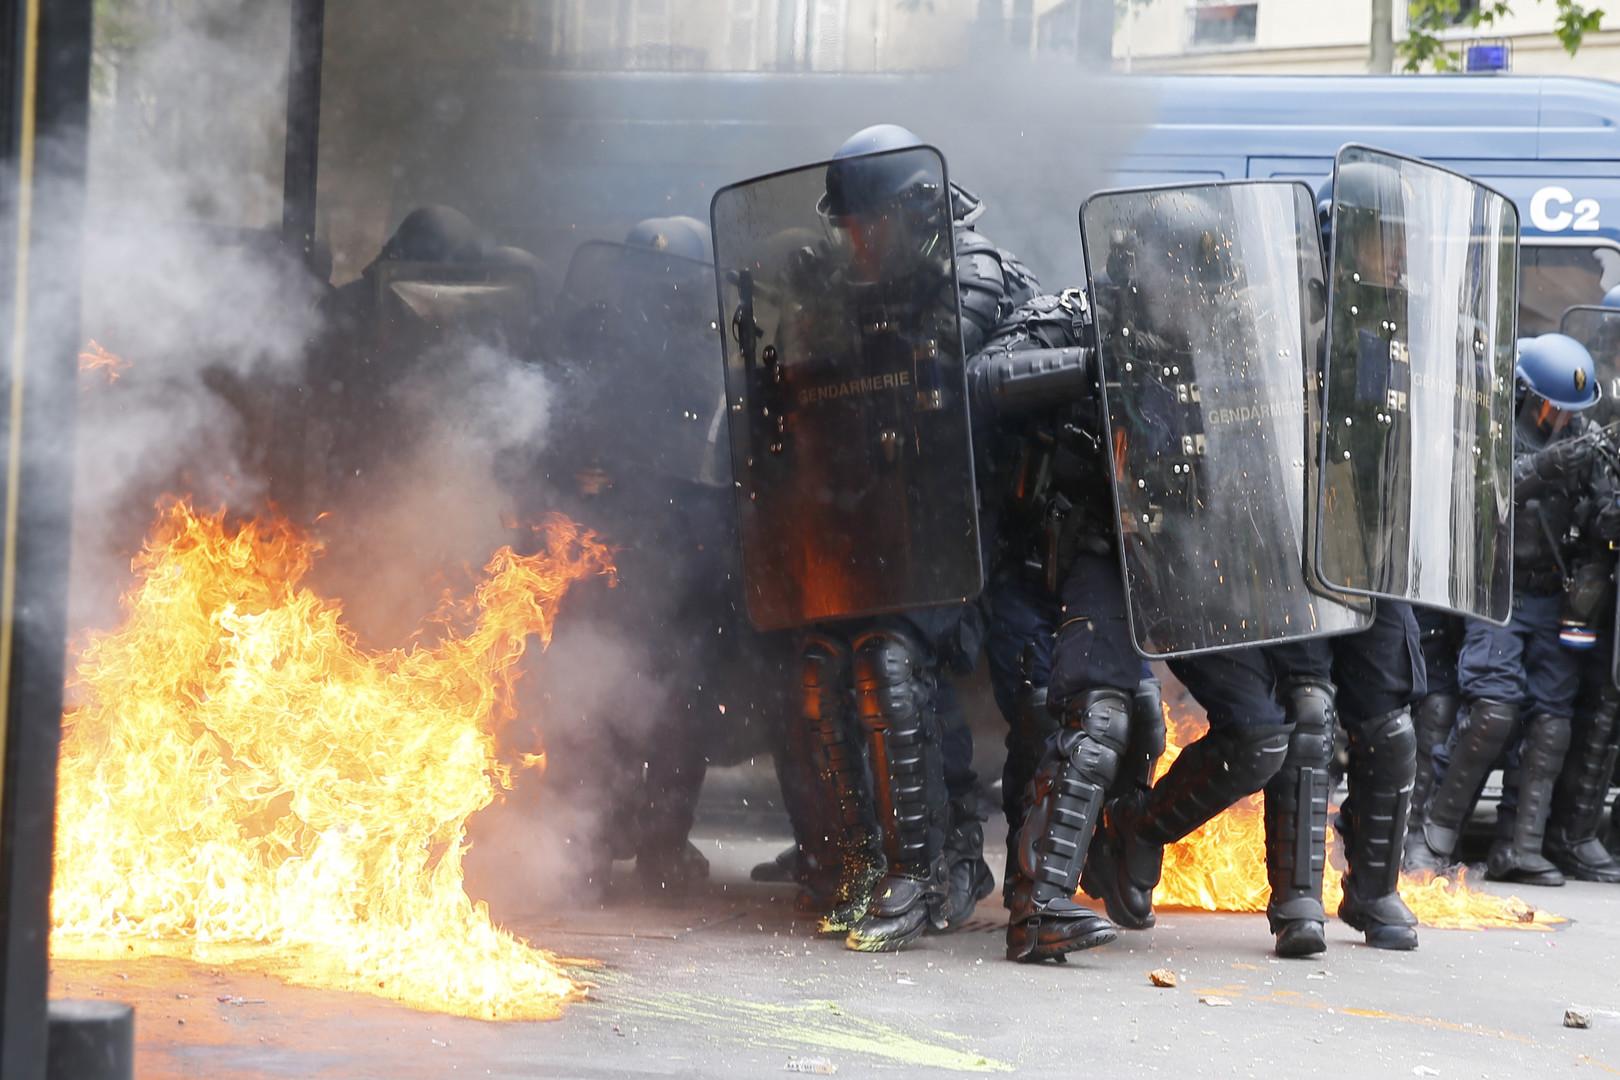 Les policiers ont reçu un cocktail molotov ce 17 mai à Paris